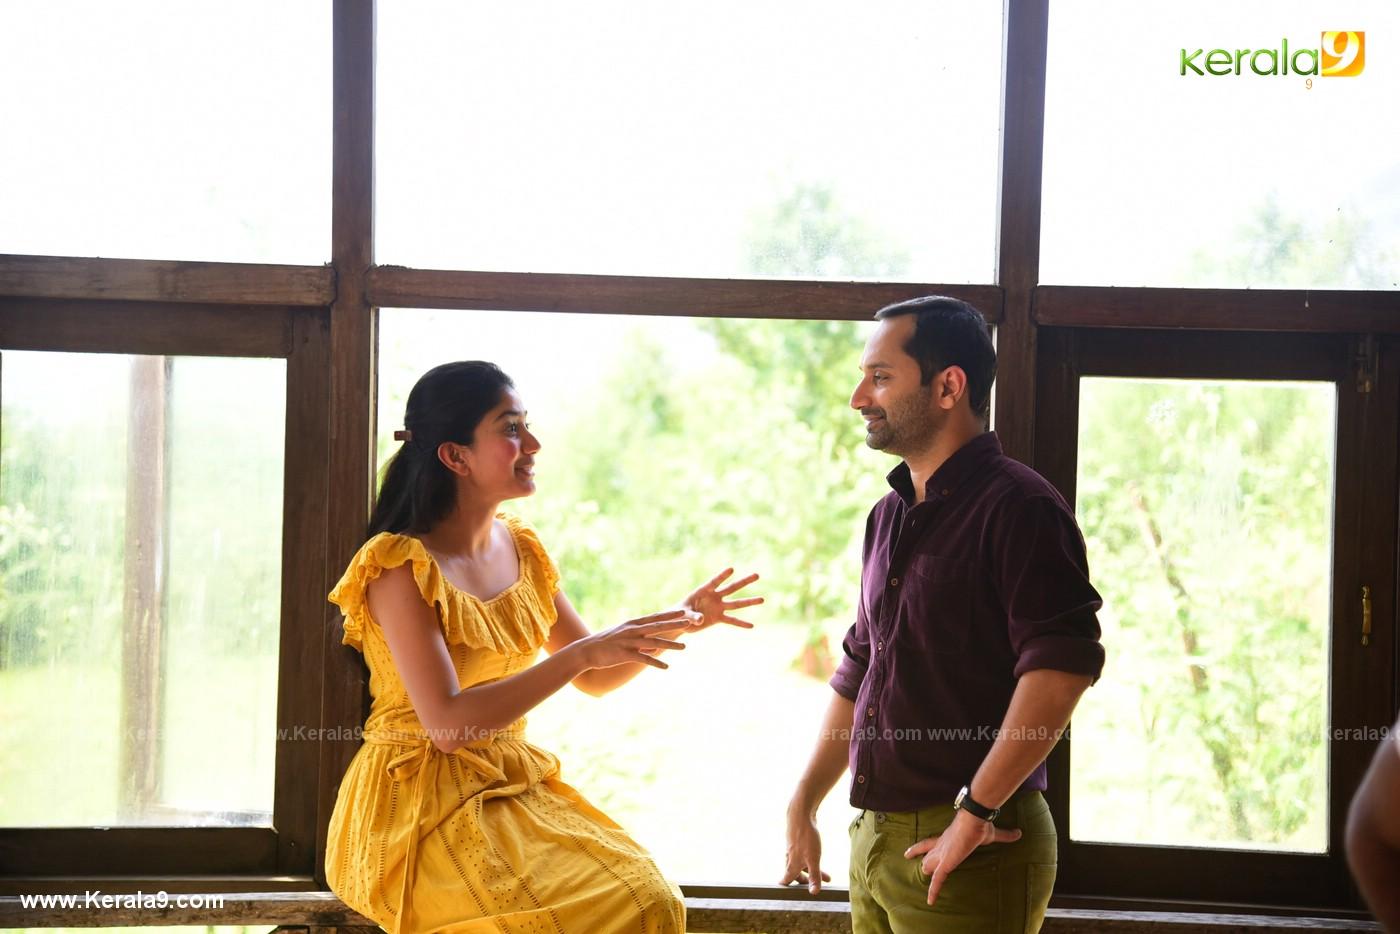 athiran malayalam movie photos 11 - Kerala9.com